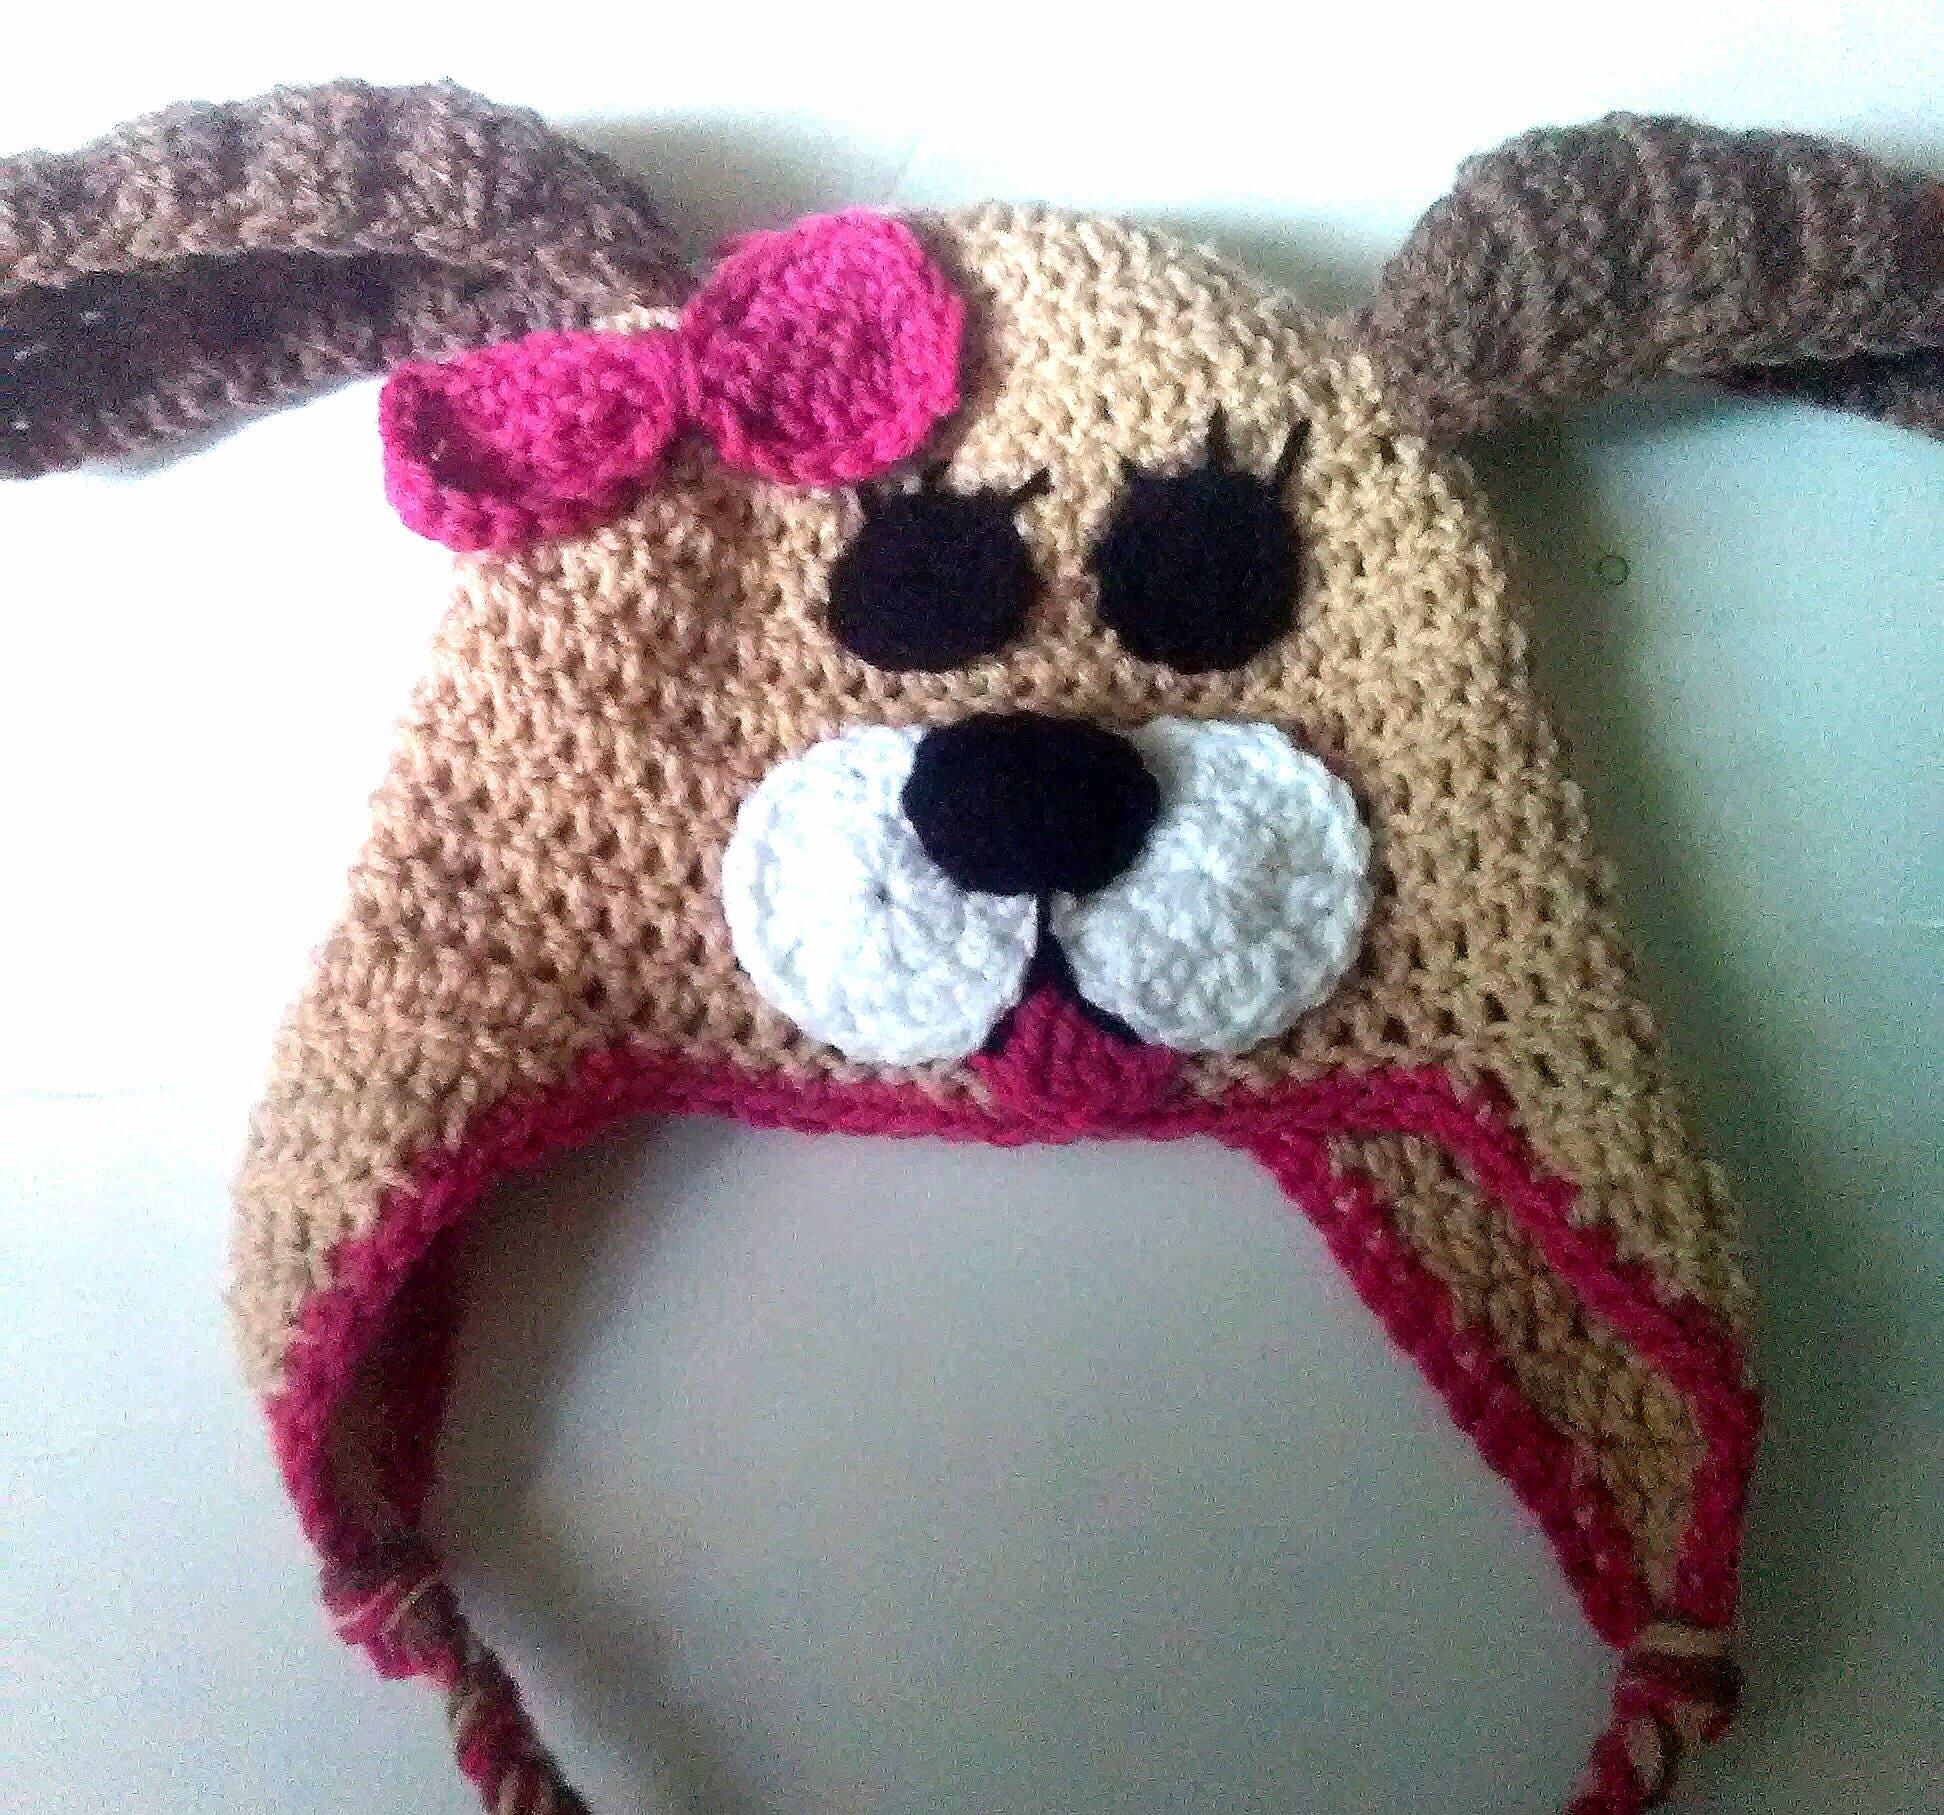 ec89f0228f0 Crochet puppy hat puppy hat with bow puppy dog hat puppy